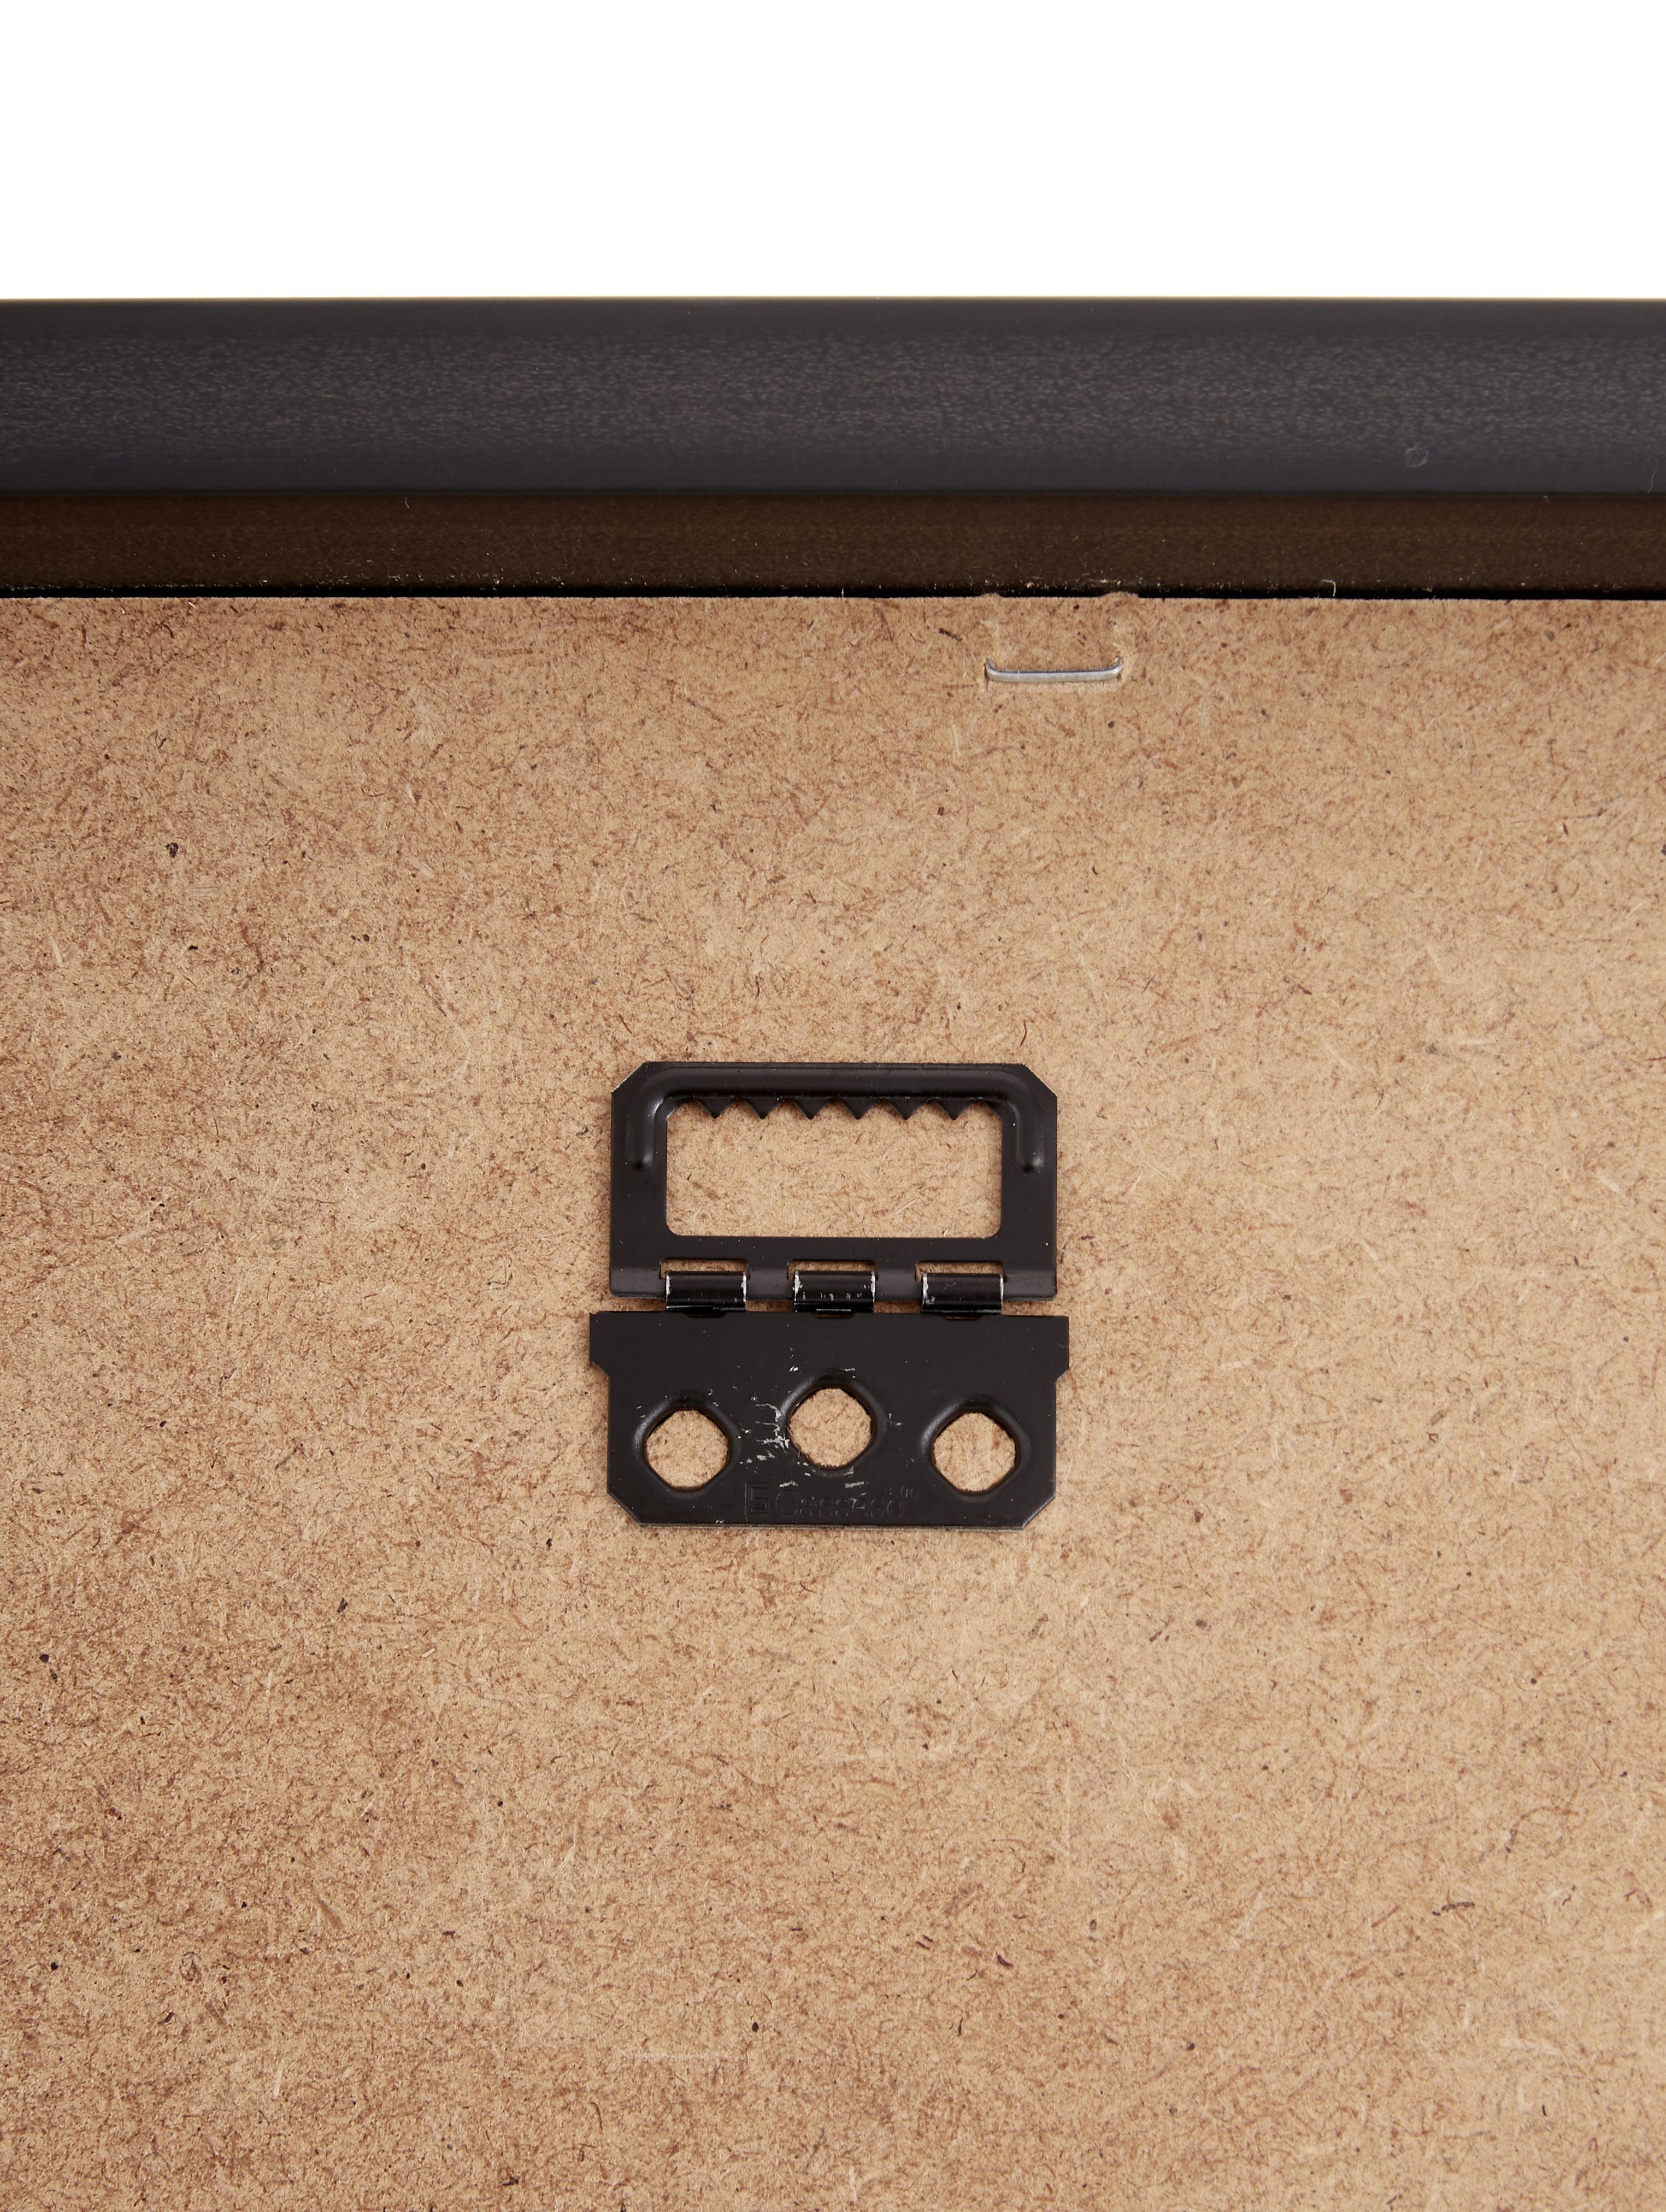 Gerahmter Digitaldruck Akt Lady IV, Bild: Digitaldruck, Rahmen: Kunststoff, Front: Glas, Bild: Schwarz, Beige<br>Rahmen: Schwarz, 40 x 40 cm